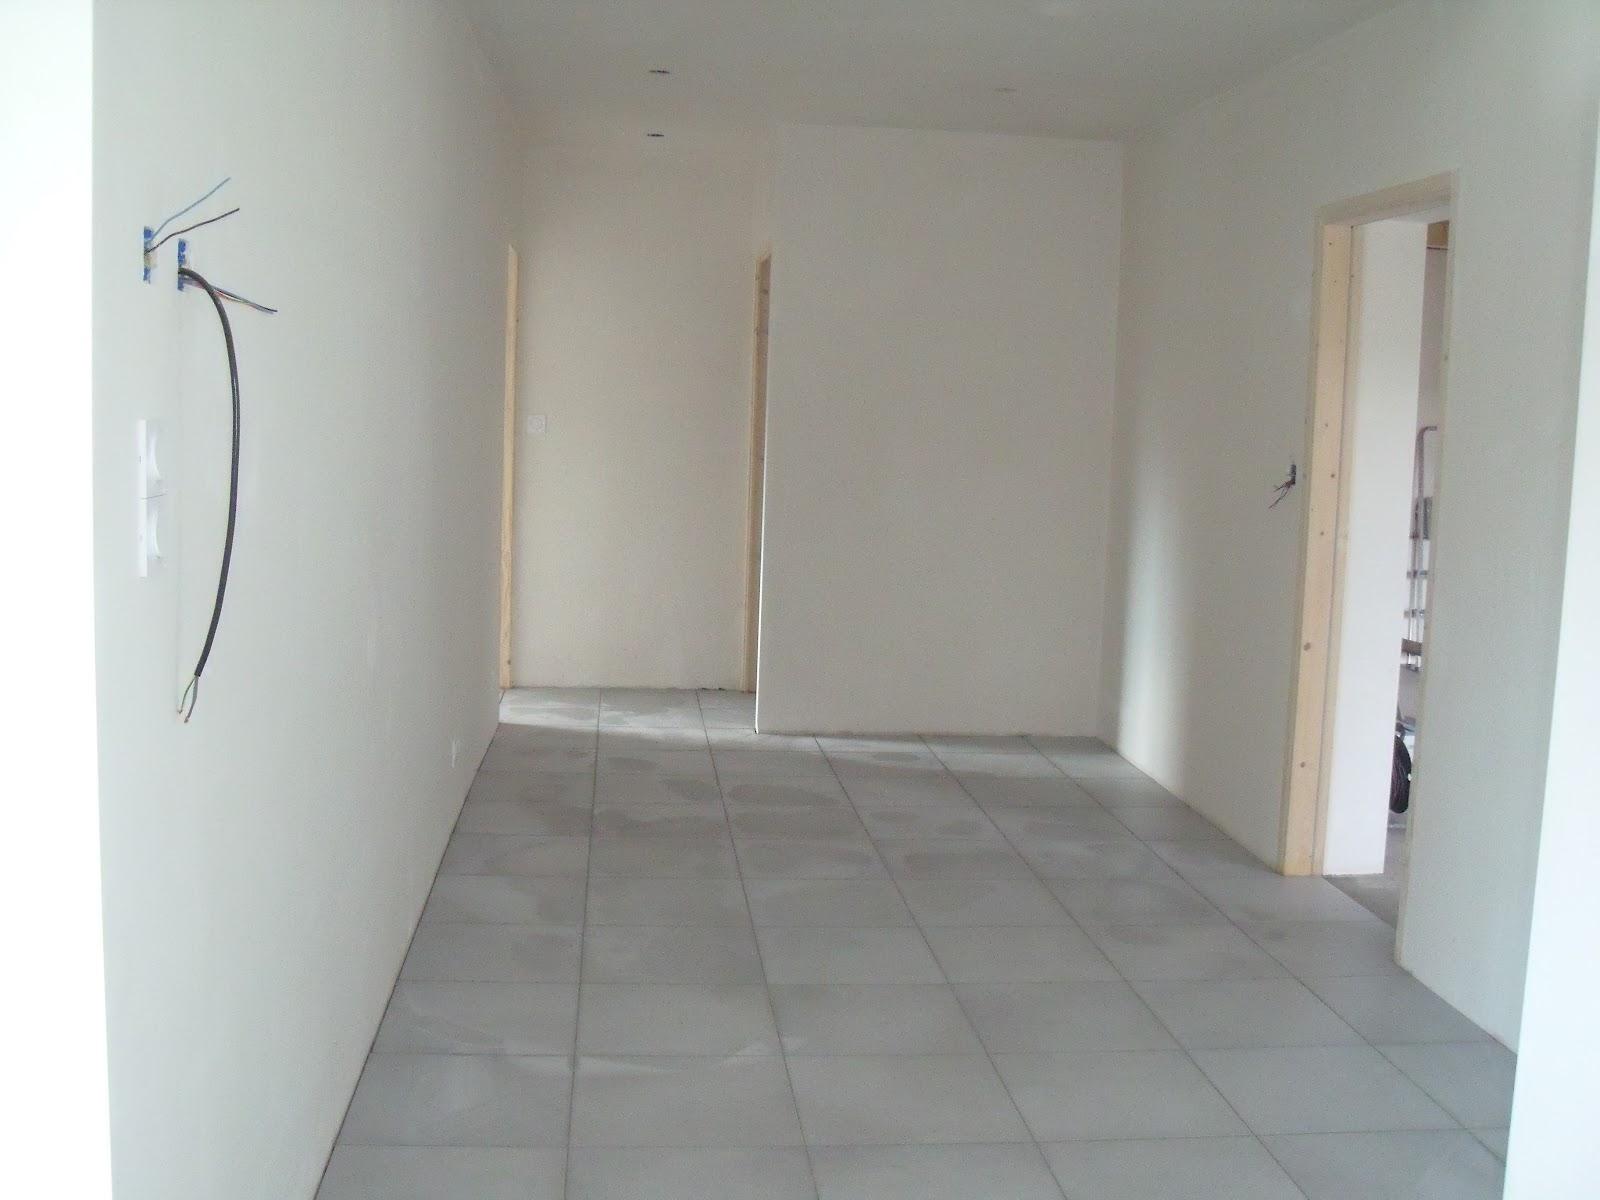 Maison de domi construction kervran ma onnerie derrien for Enduit sur carrelage